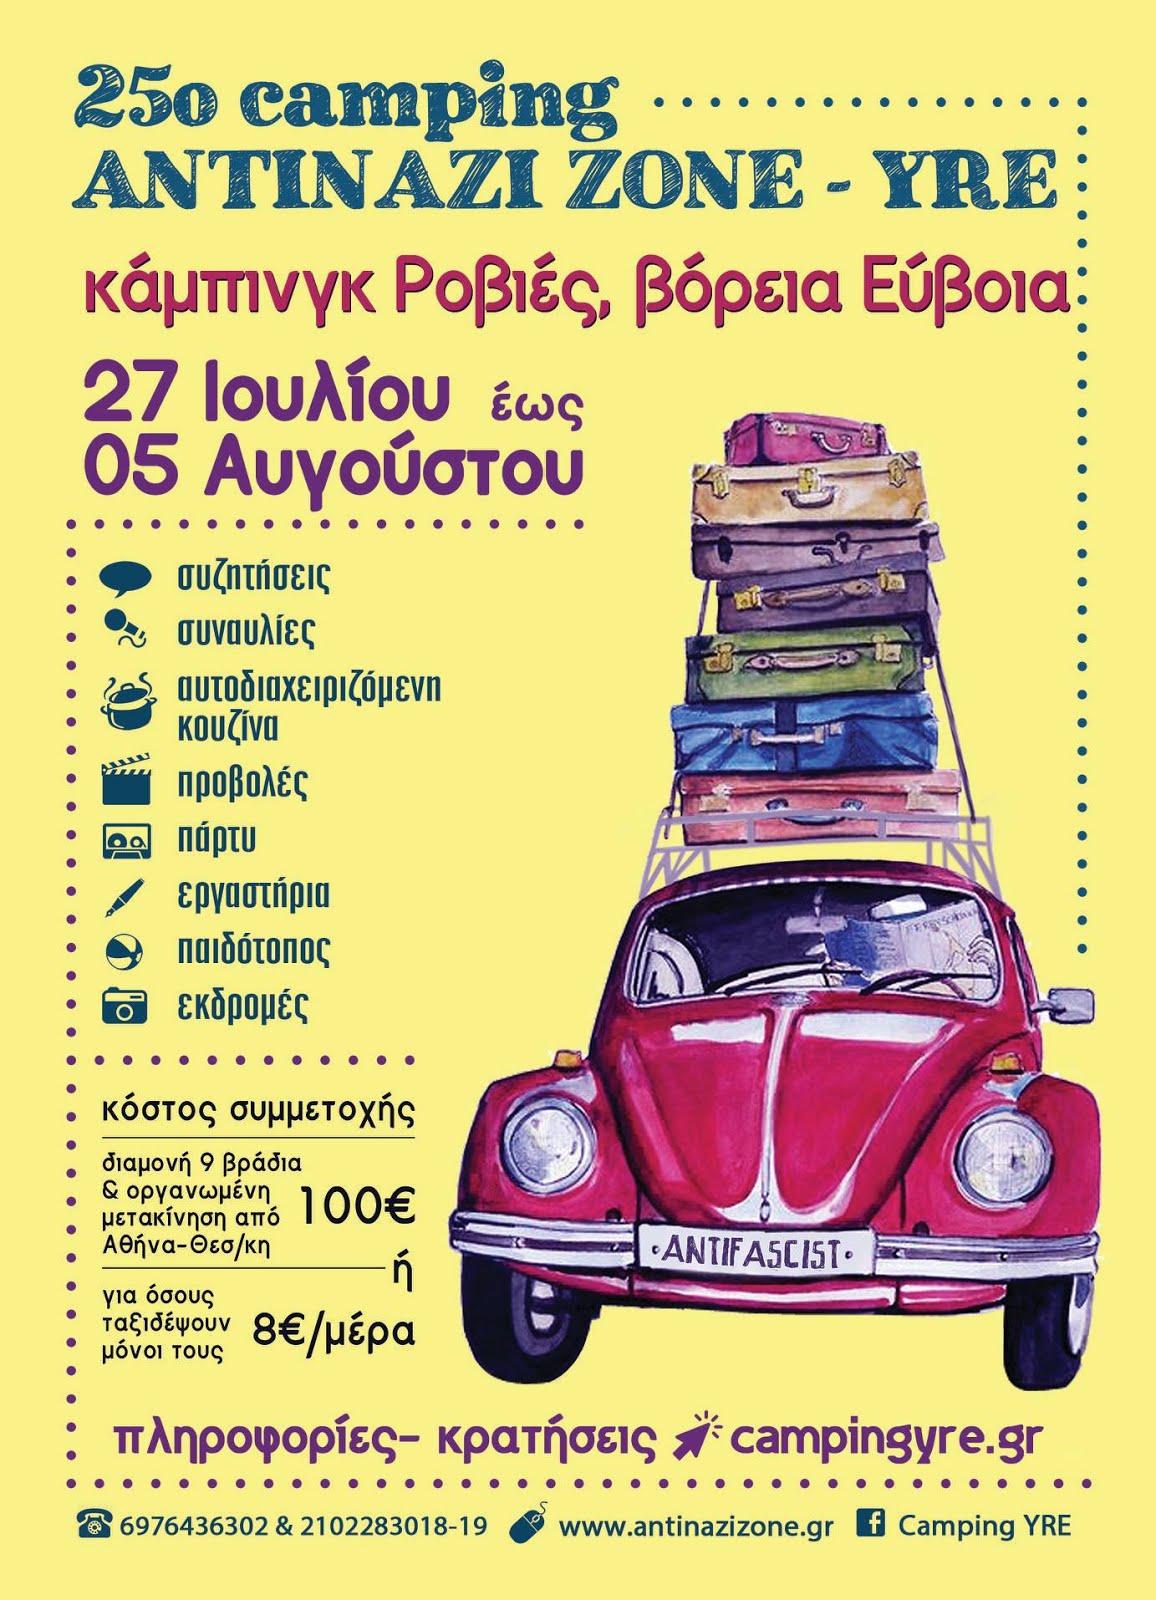 25ο camping ANTINAZIZONE-YRE * Ροβιές Εύβοιας 27/7 - 5/8